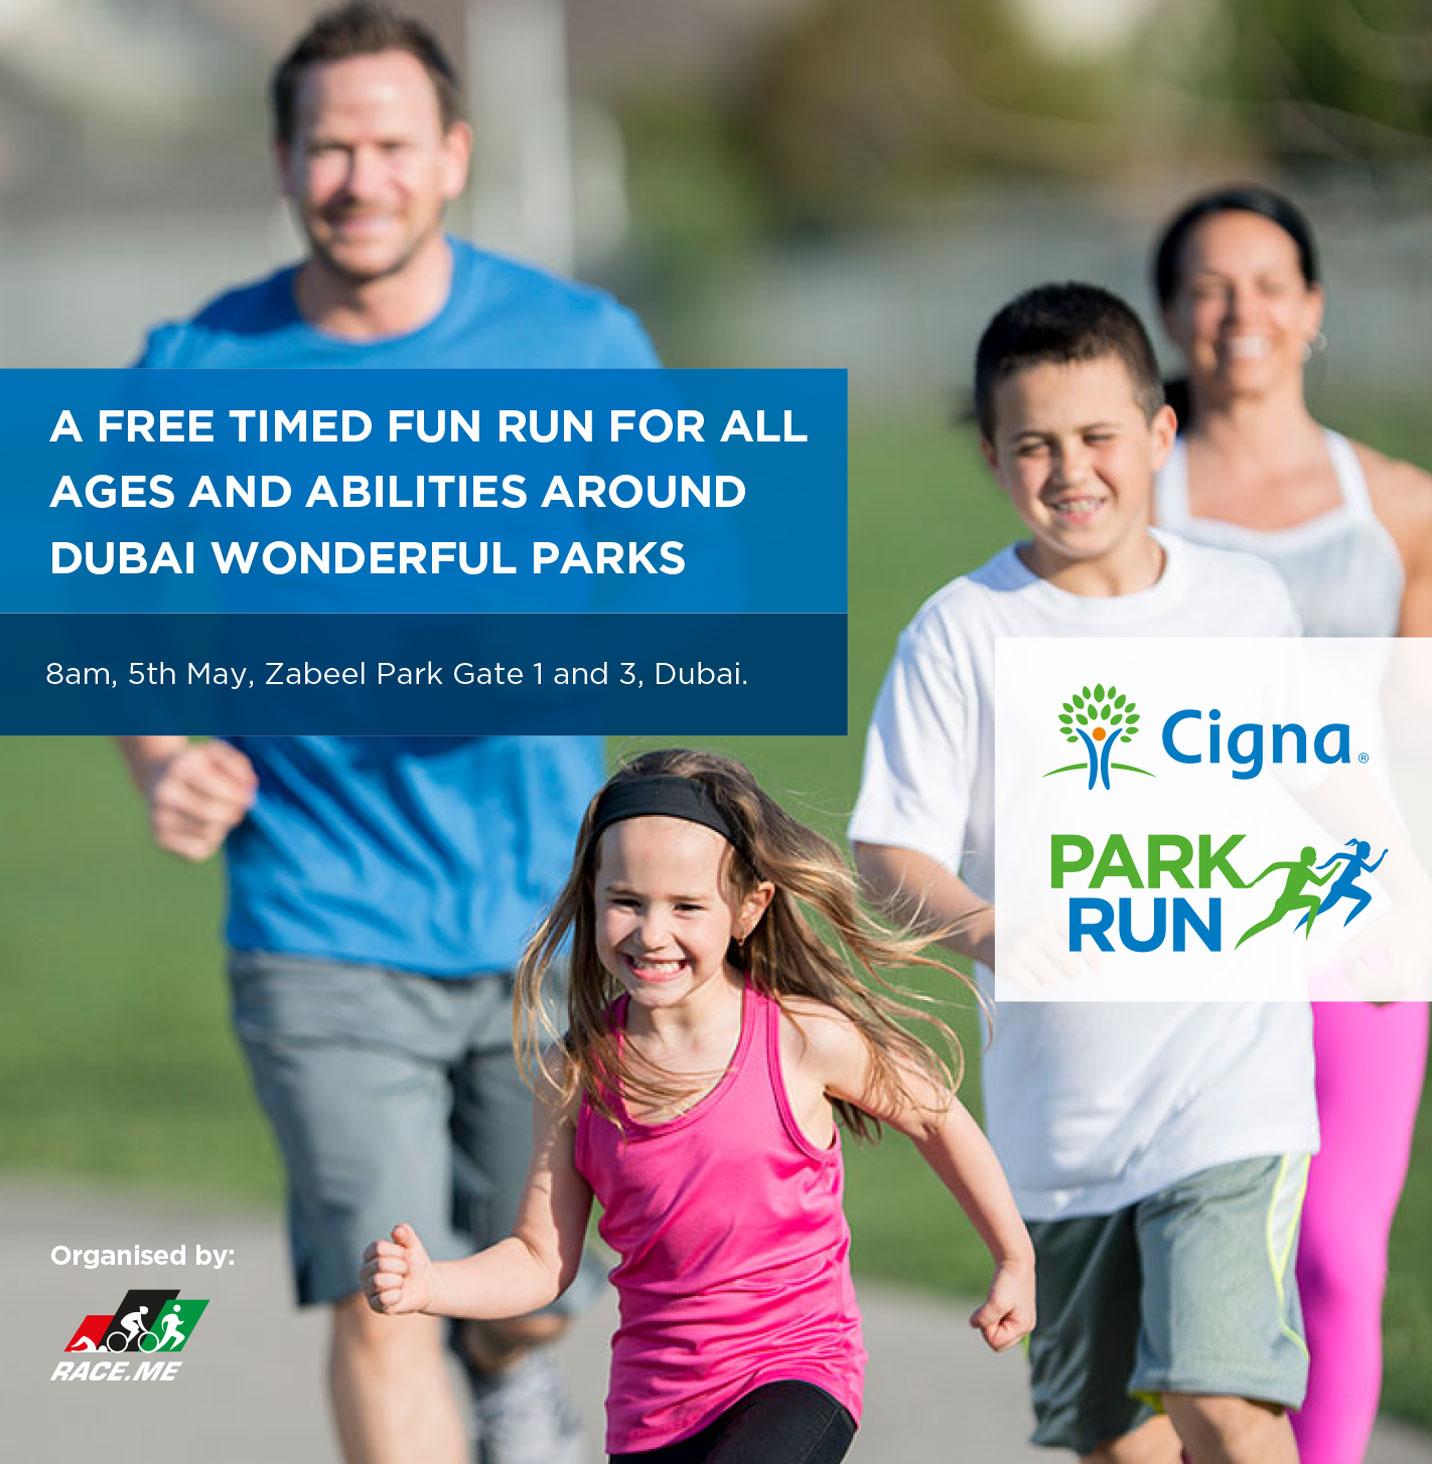 Cigna Park Run